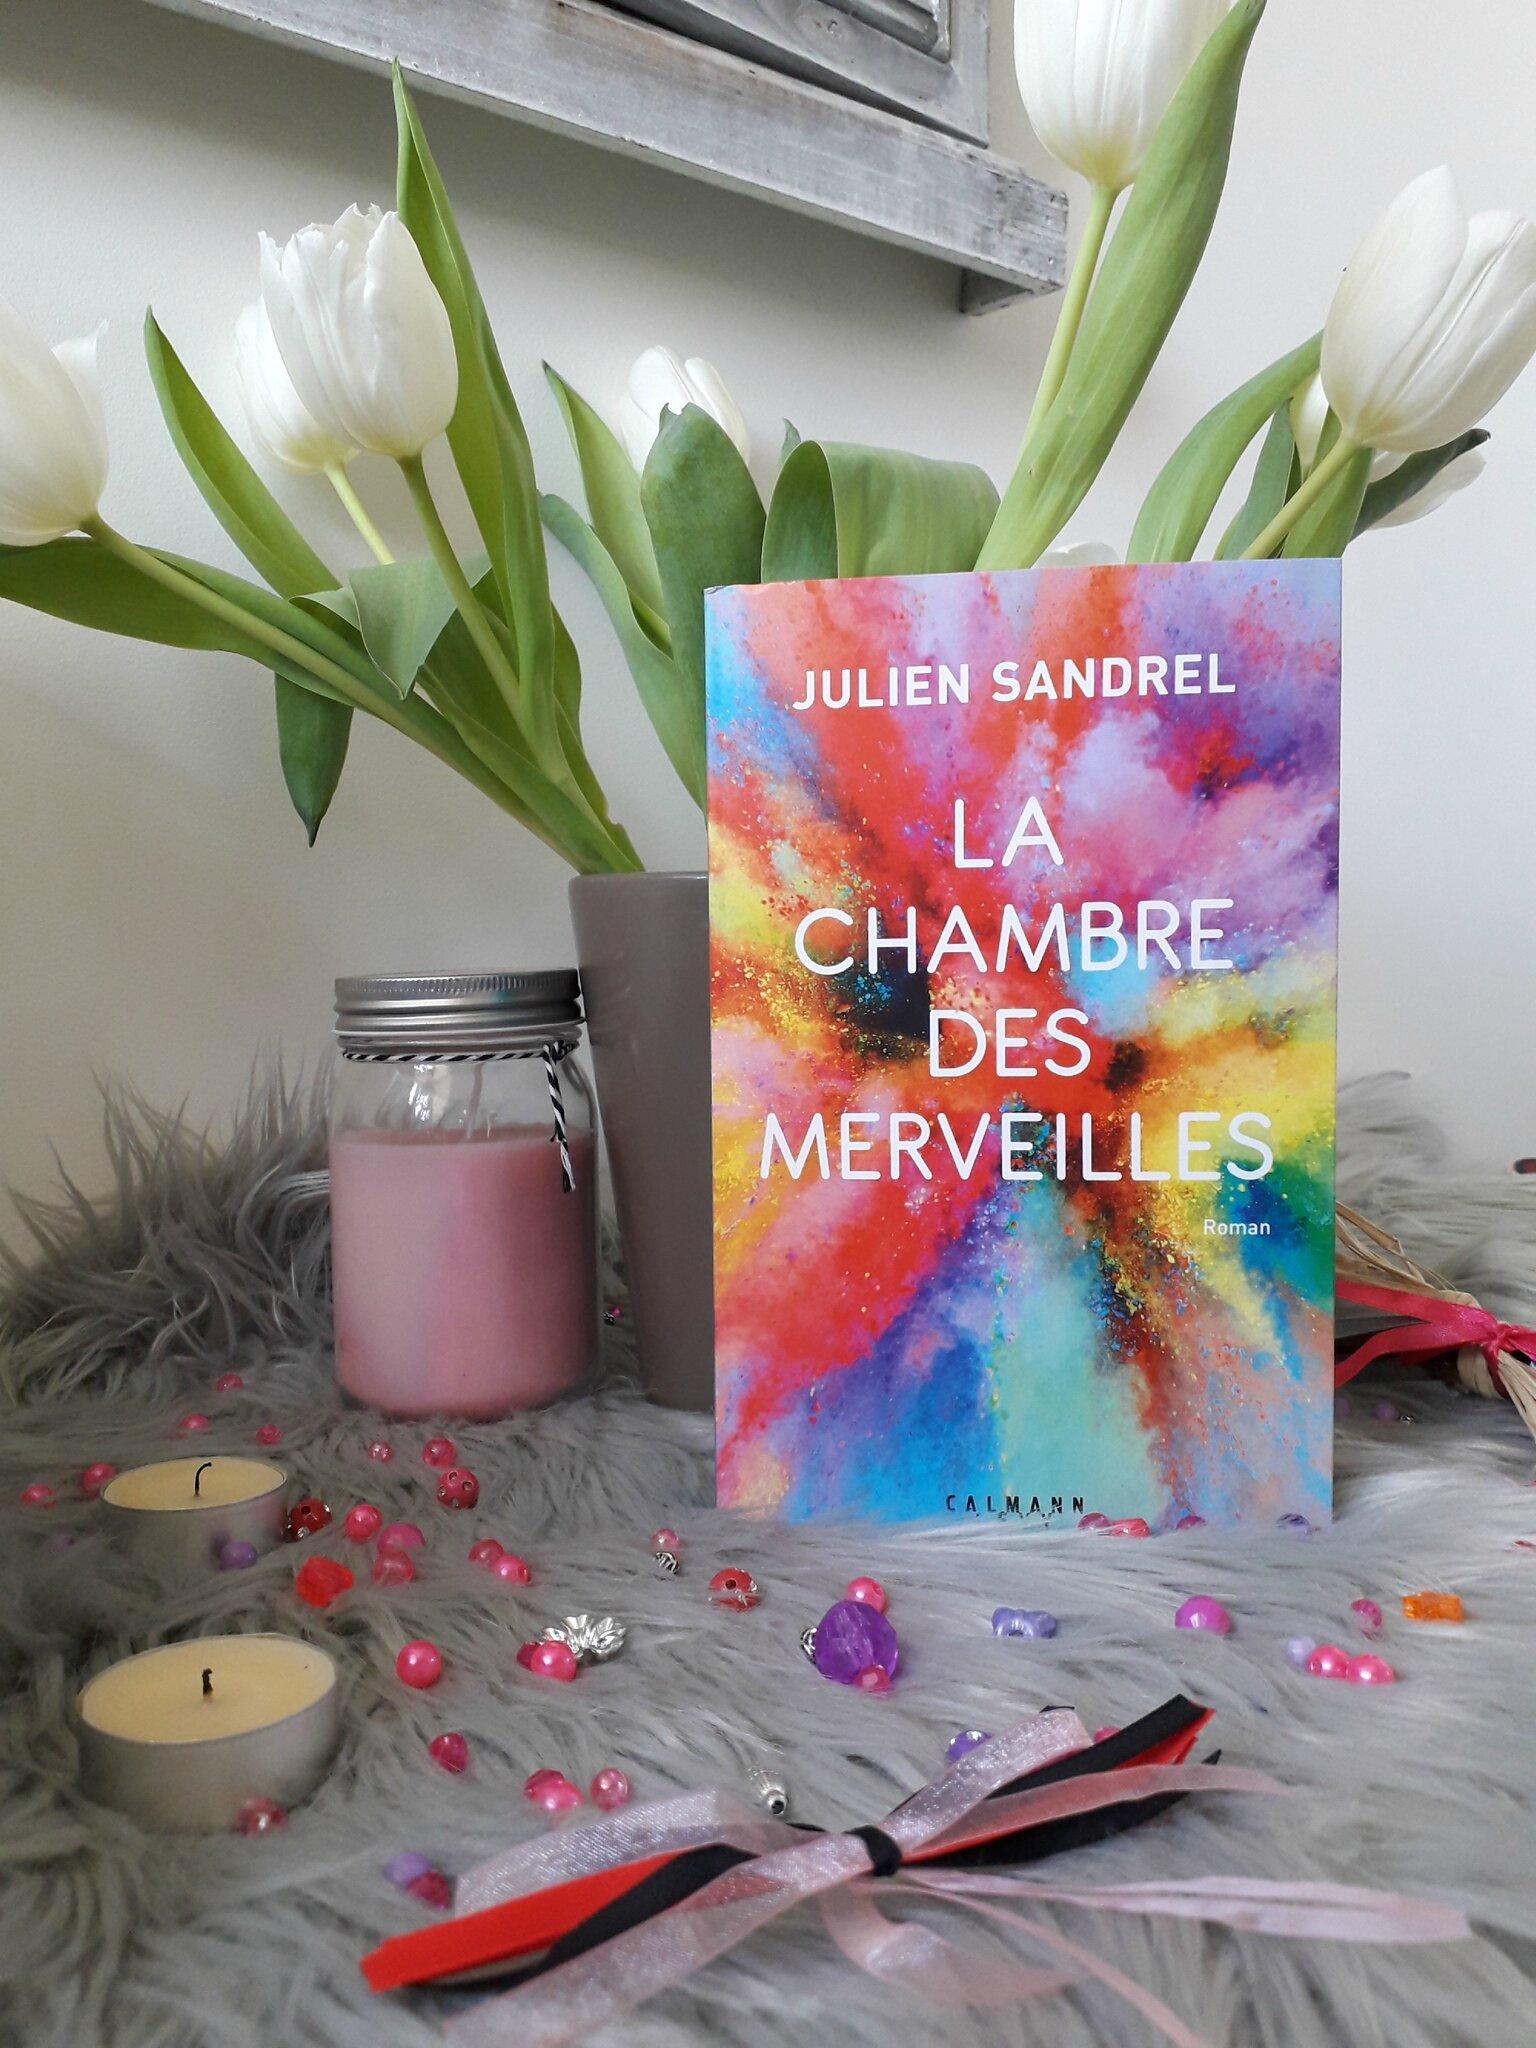 Livre La Chambre Des Merveilles : livre, chambre, merveilles, Julien, Sandrel, Chambre, Merveilles